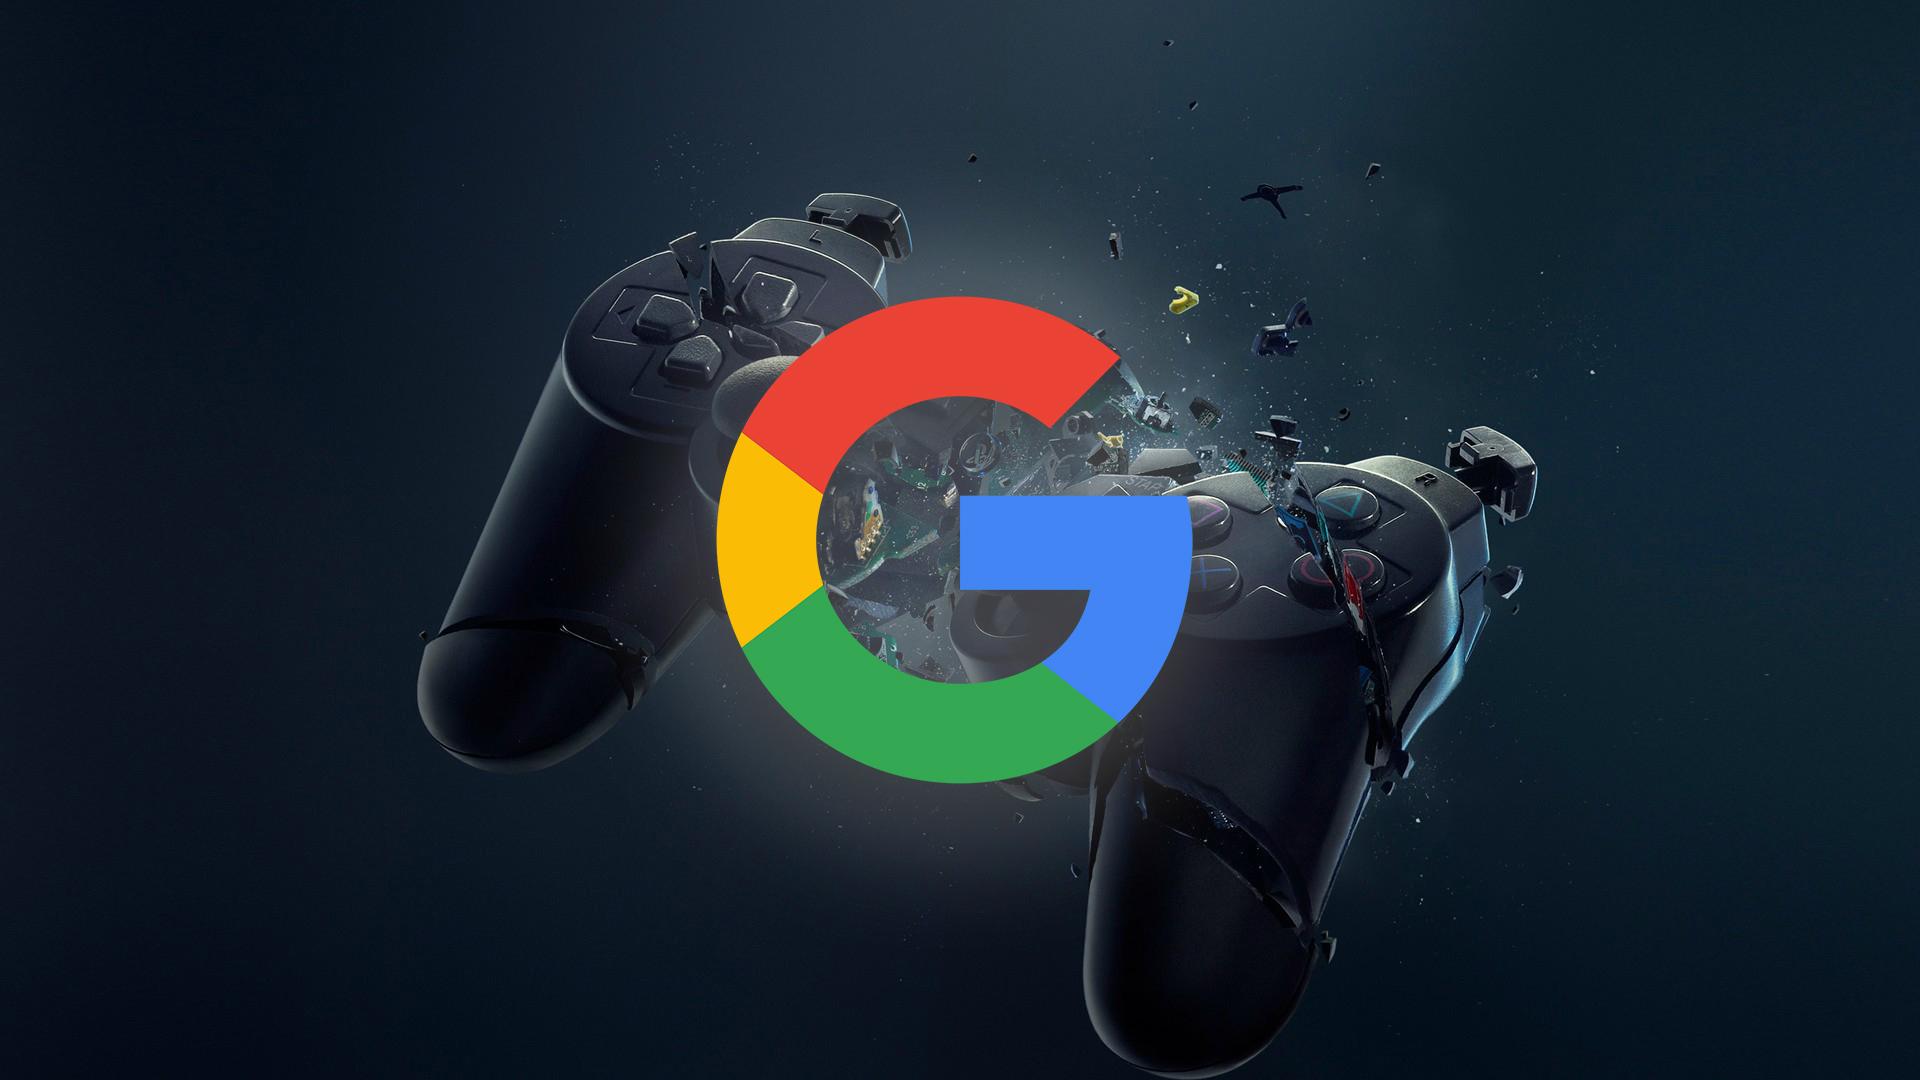 صورة جوجل تدخل عالم الجيمز بقوة